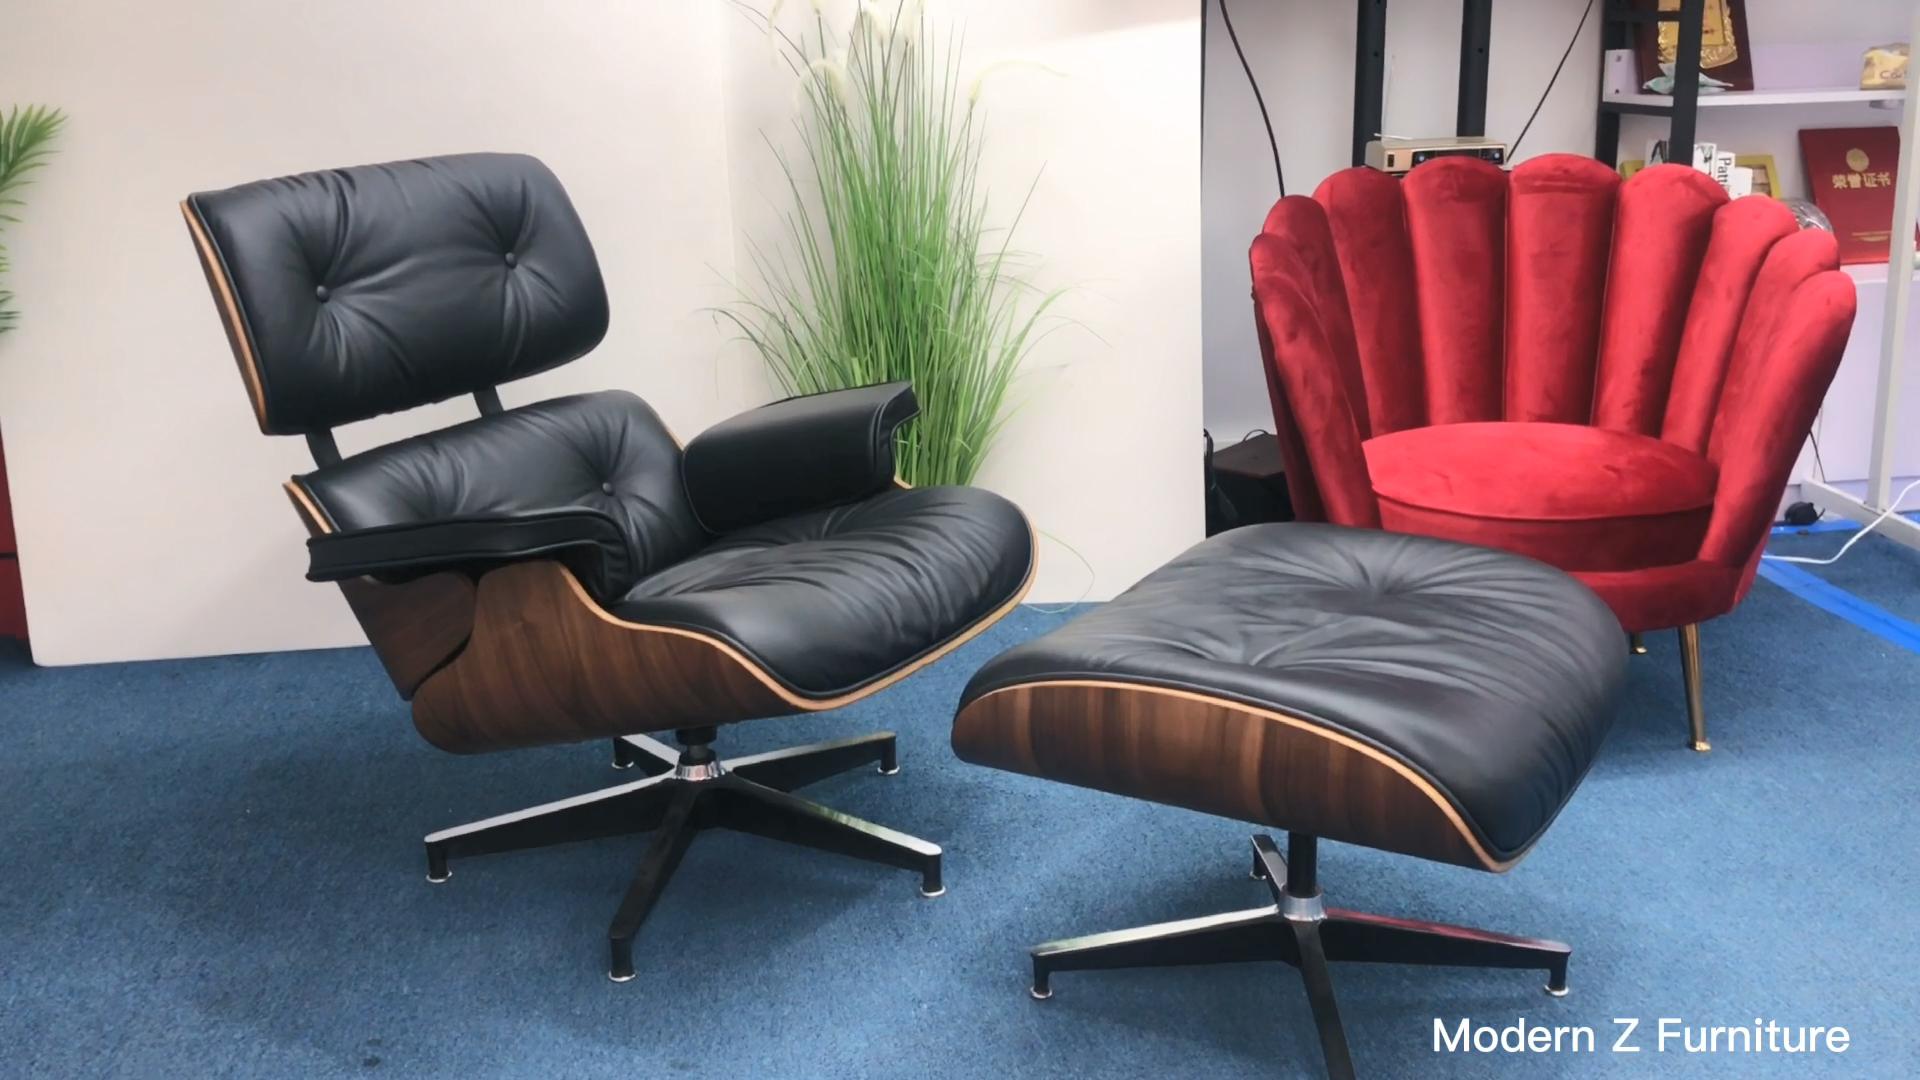 Moderne luxus italienischen möbel wohnzimmer design stühle sessel schwenk liege leder lounge chair mit ottomane braun